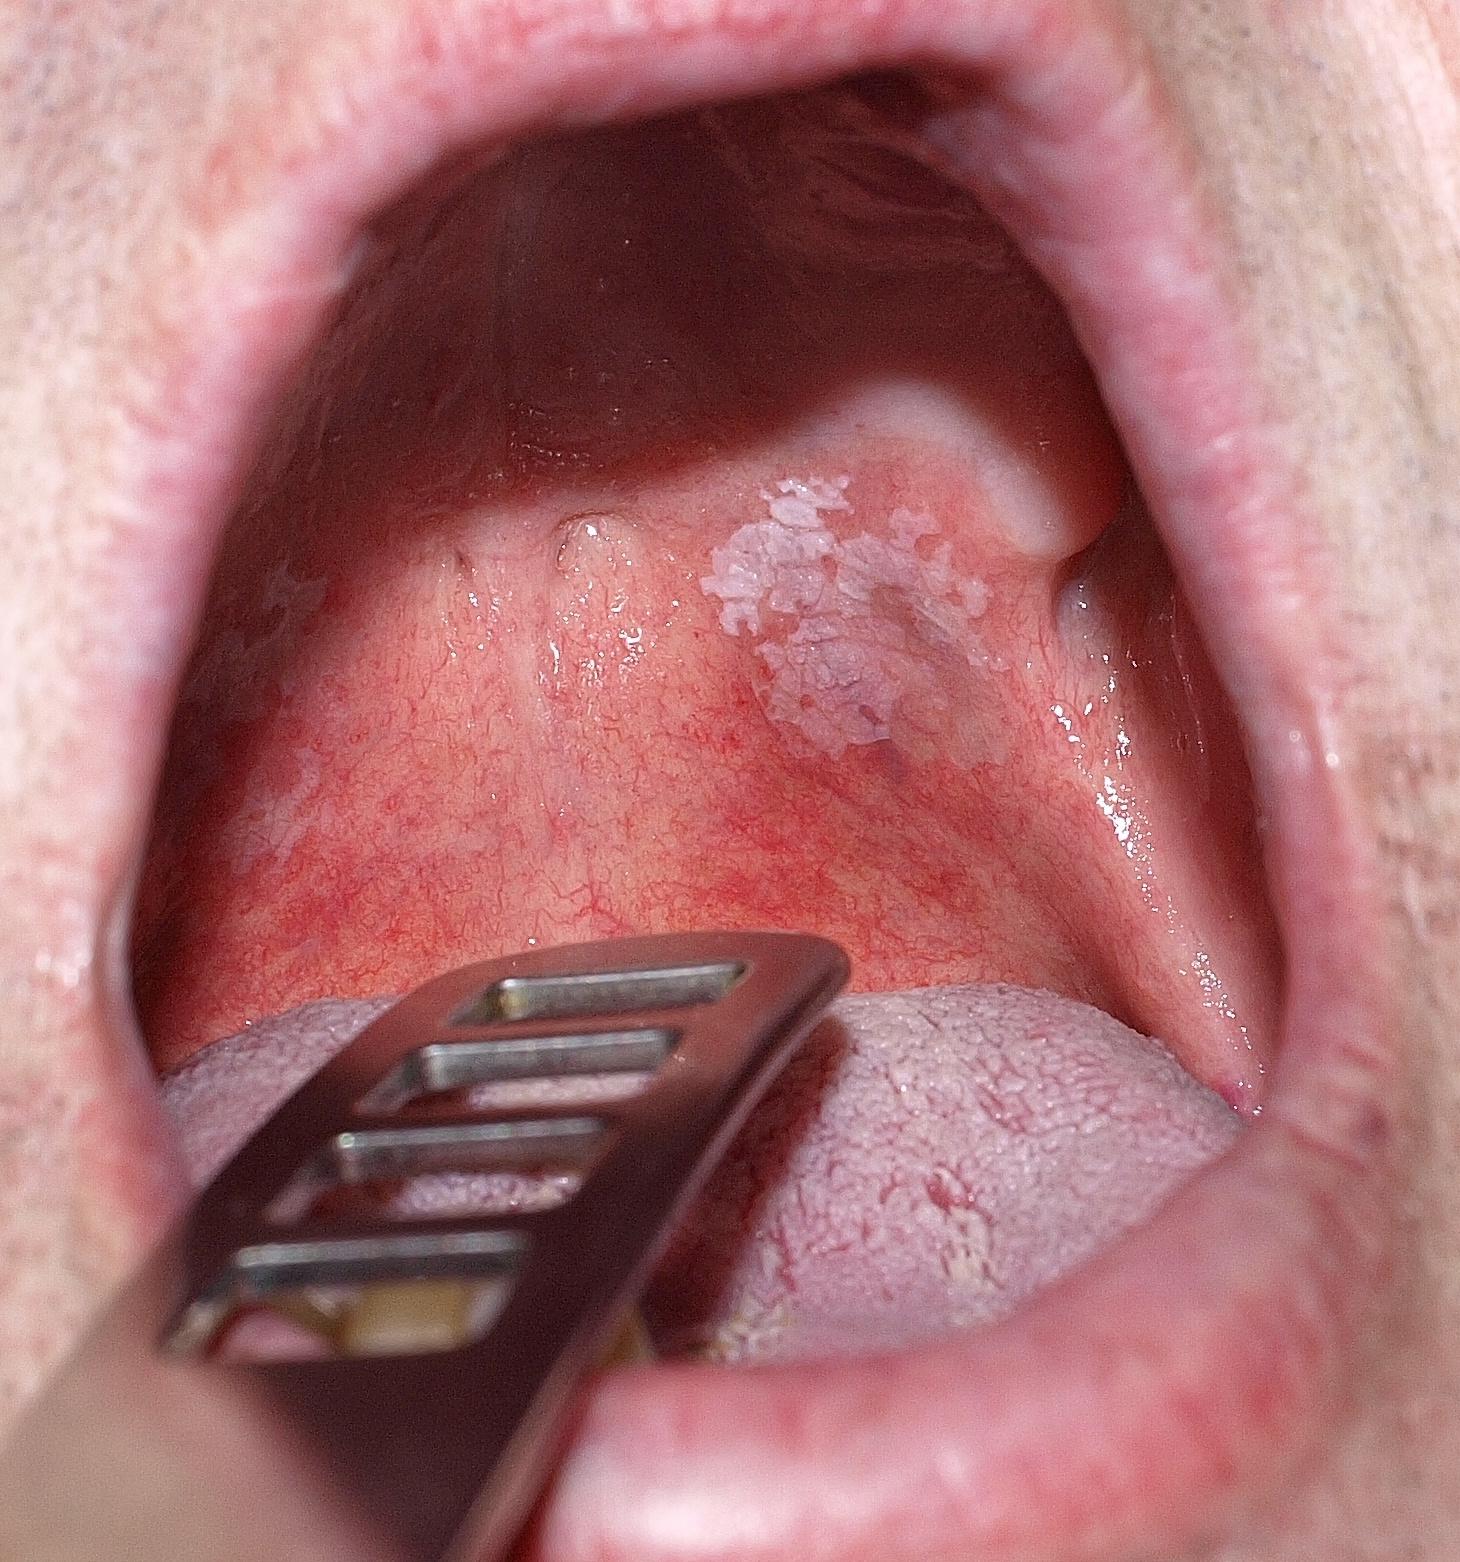 hpv száj okozza paraziták az emberi test gyógyszer tüneteiben